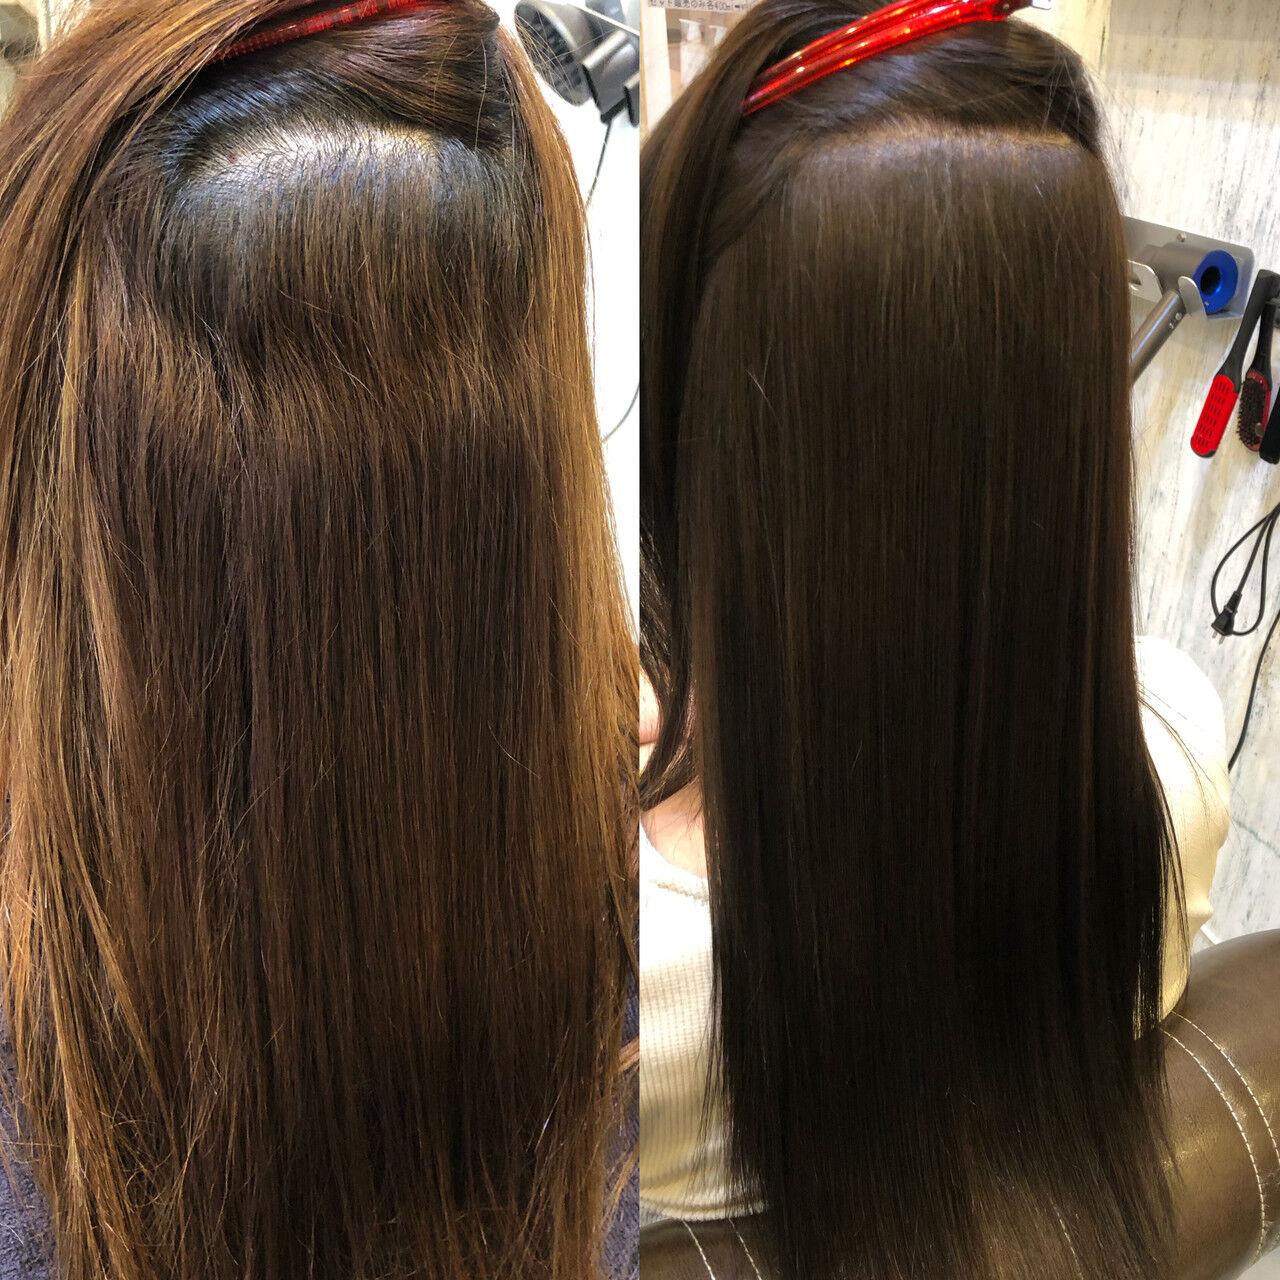 縮毛矯正 ストレート ナチュラル トリートメントヘアスタイルや髪型の写真・画像